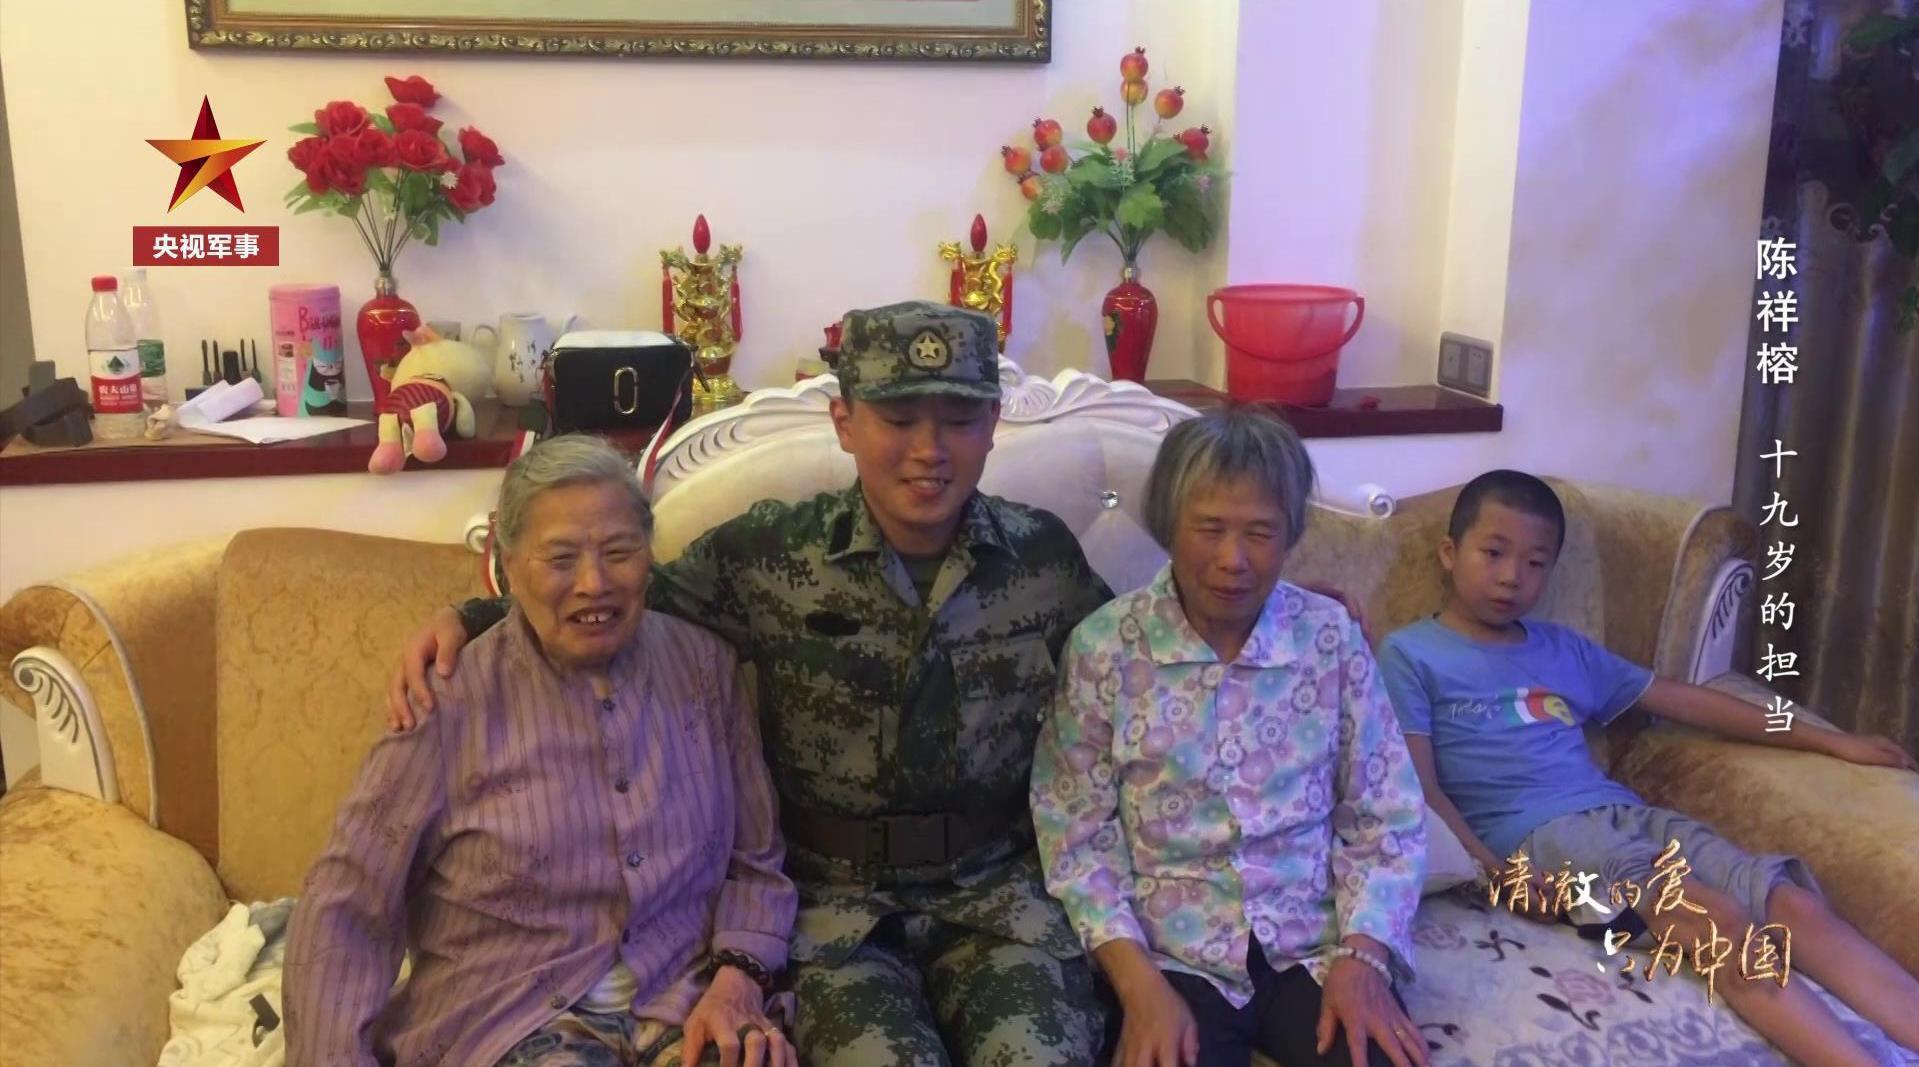 陈祥榕与家人最后相聚画面